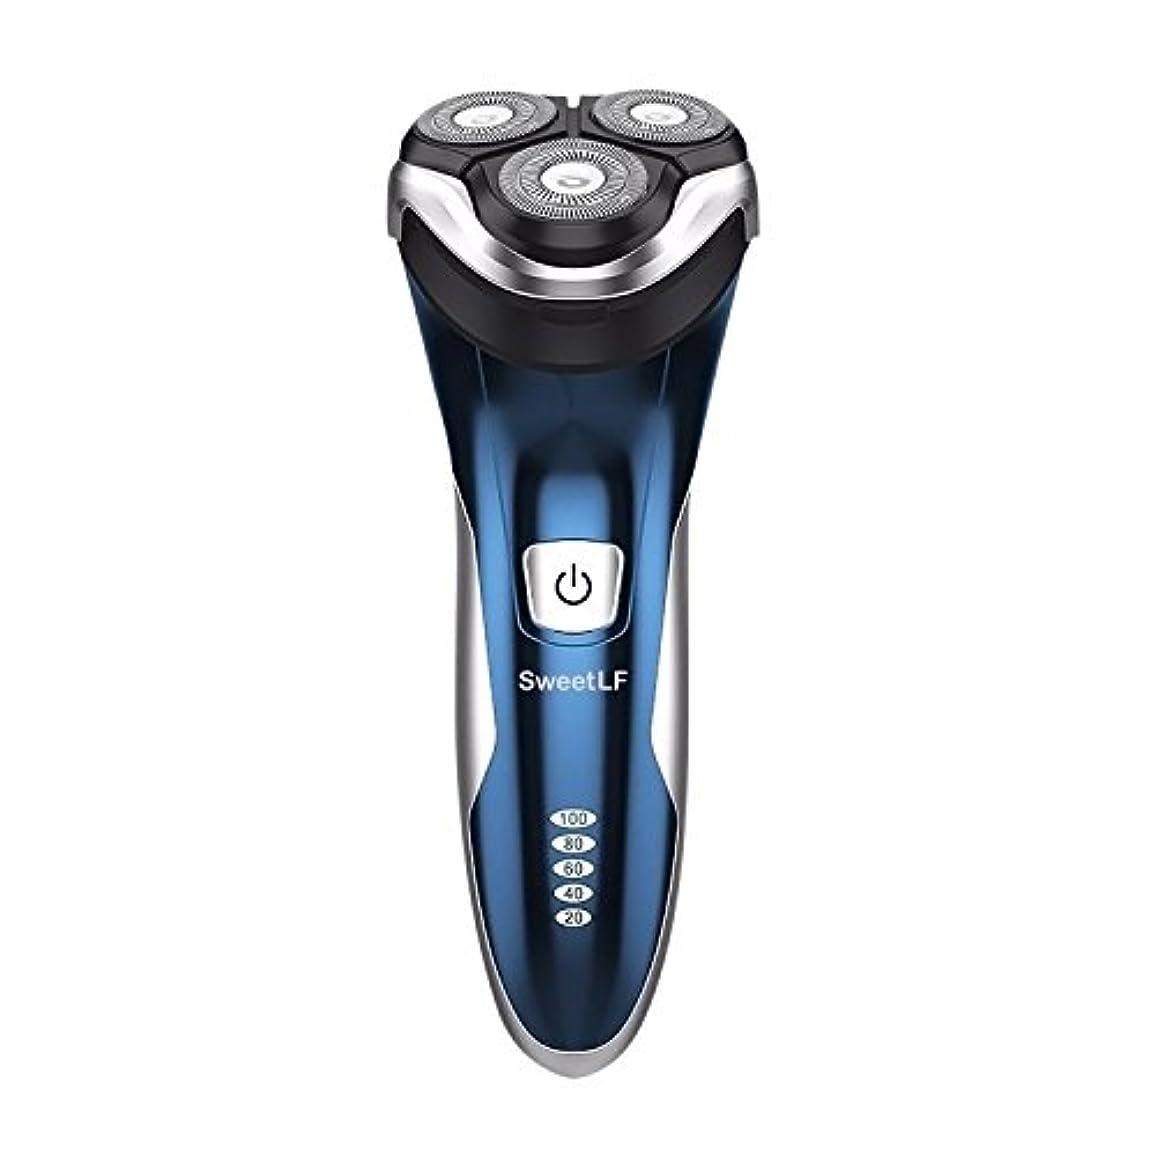 技術者タクシードライブSweetLF メンズ 電気シェーバー ひげそり 電気カミソリ 回転式 3枚刃 USB充電式 IPX7防水 お風呂剃り可 LEDディスプレイ トリマー付き